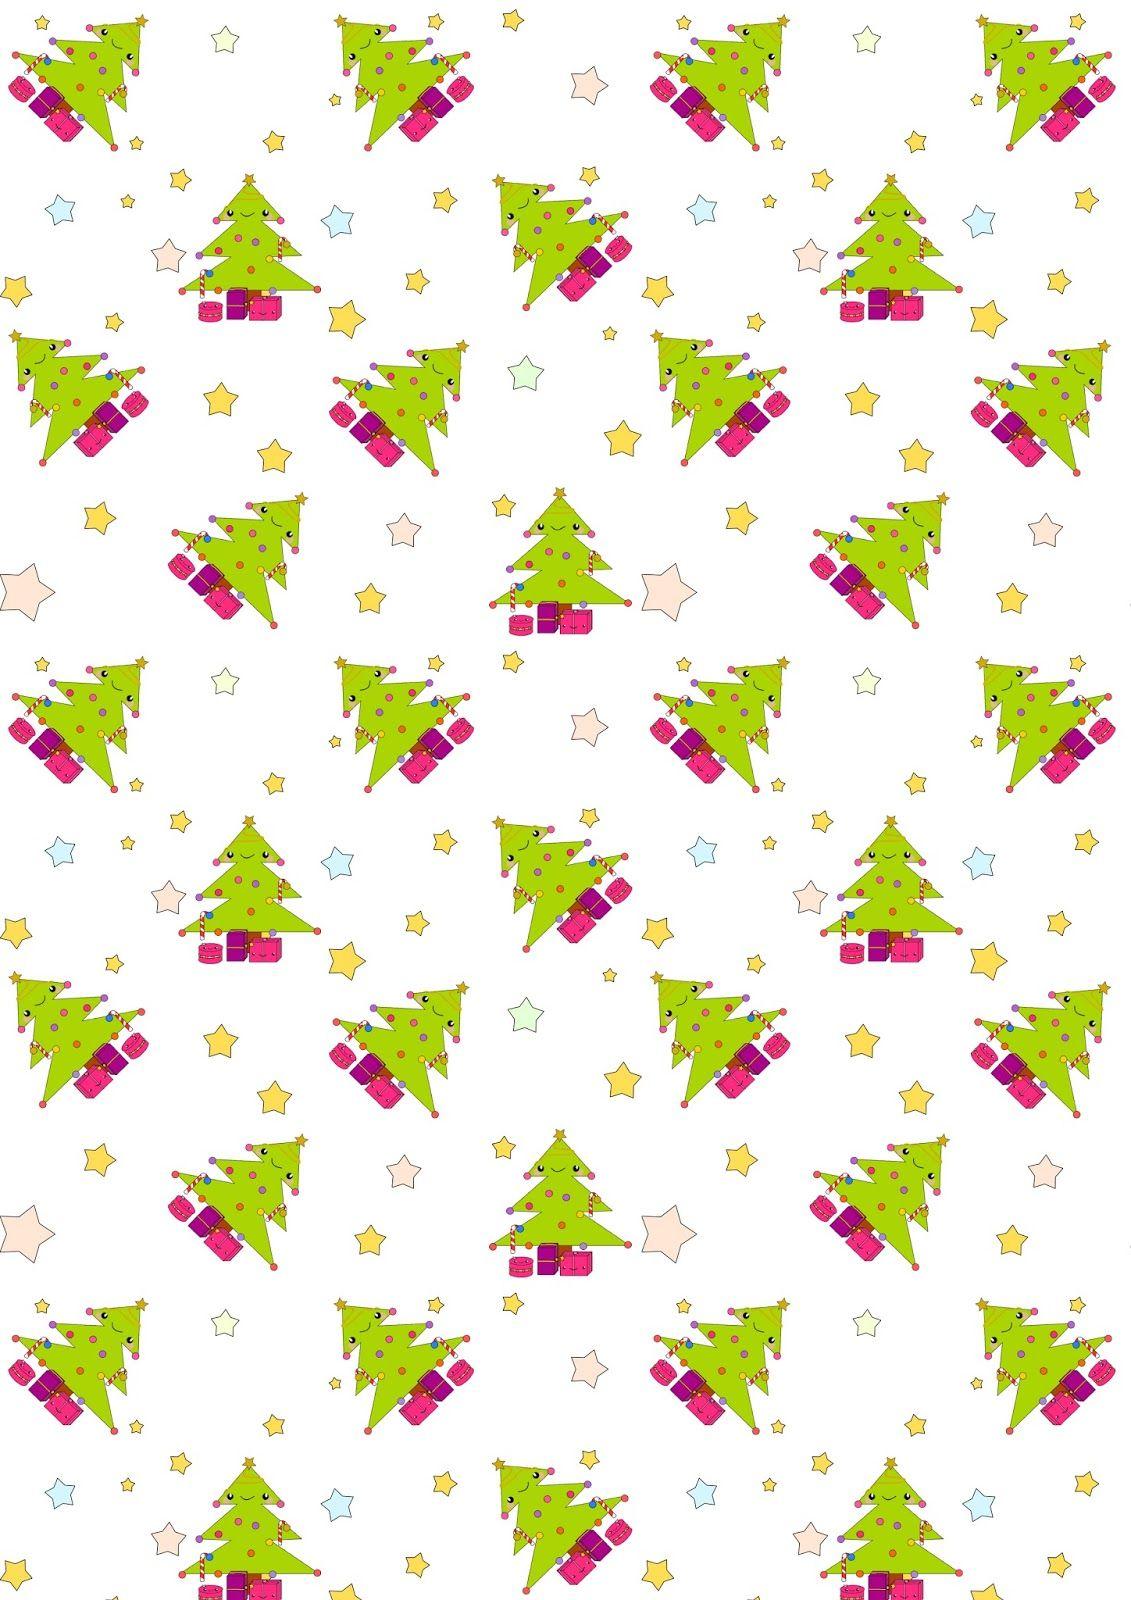 Scrapbook paper kawaii - Free Digital Christmas Scrapbooking Paper Kawaii Ausdruckberes Weihnachtspapier Freebie Meinlilapark Diy Printables